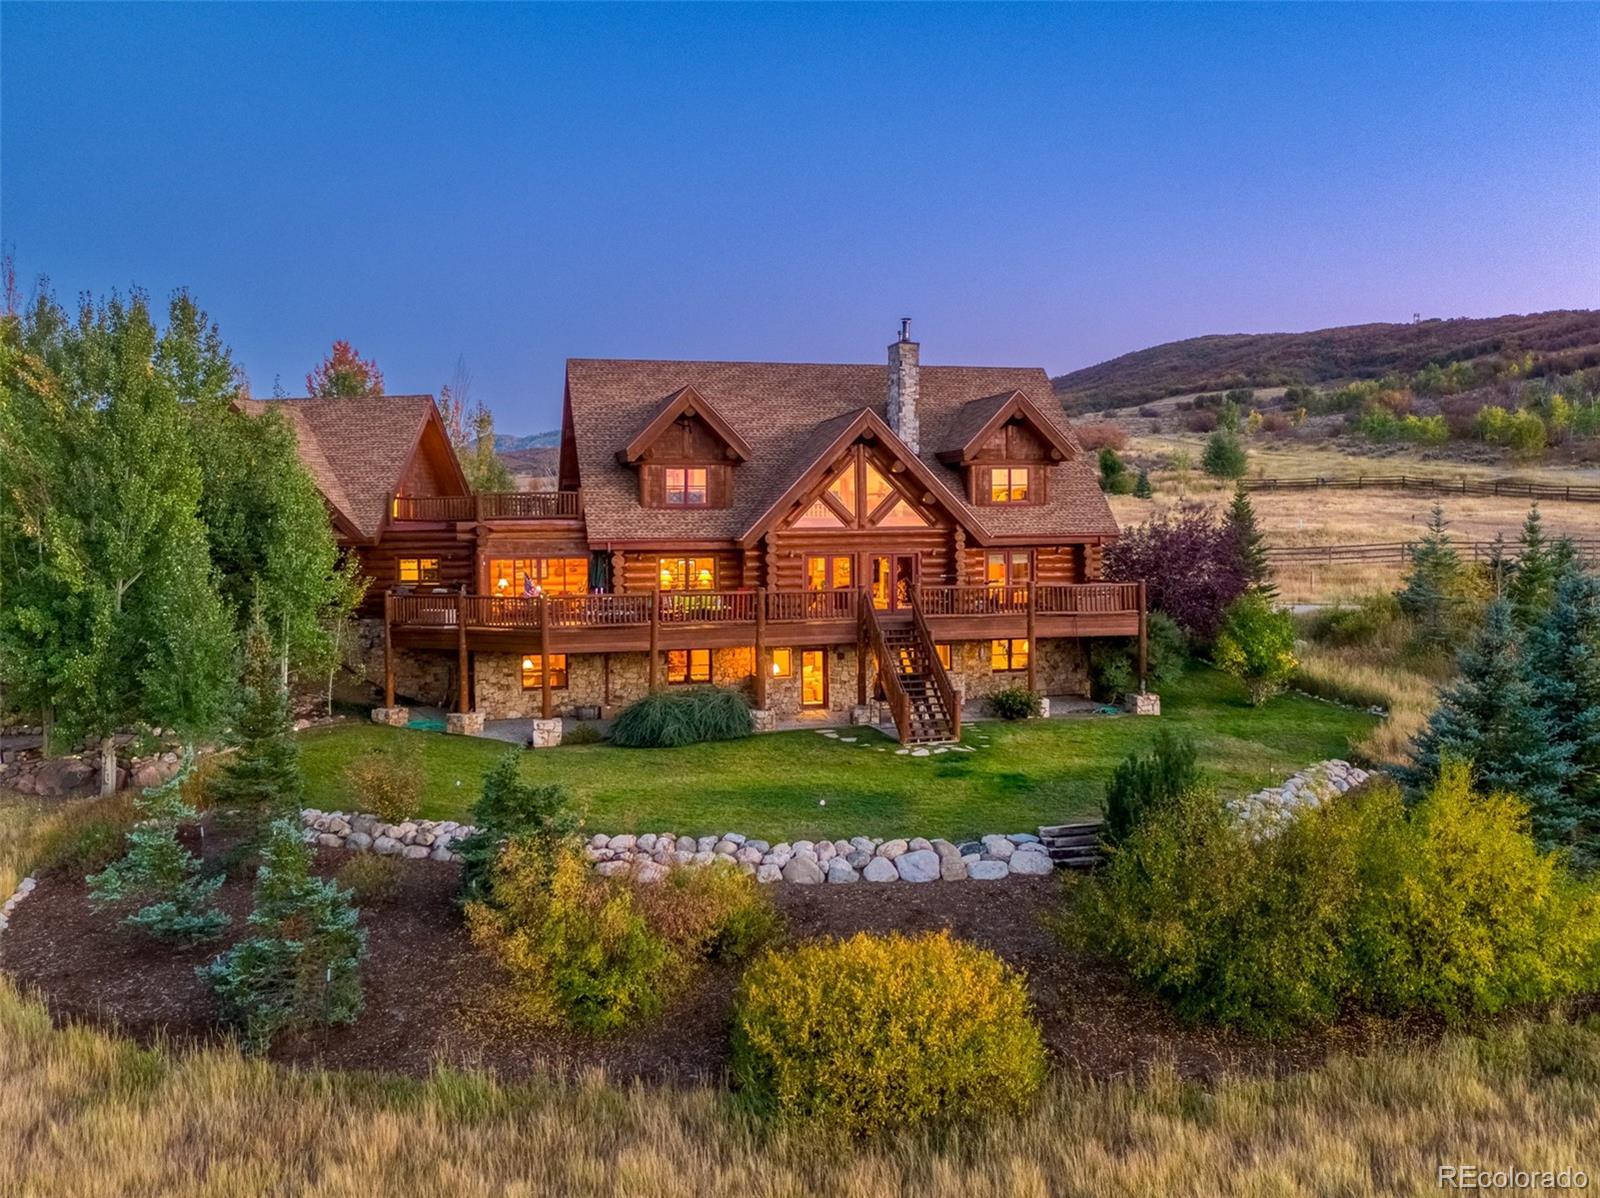 Creek Ranch Real Estate Listings Main Image